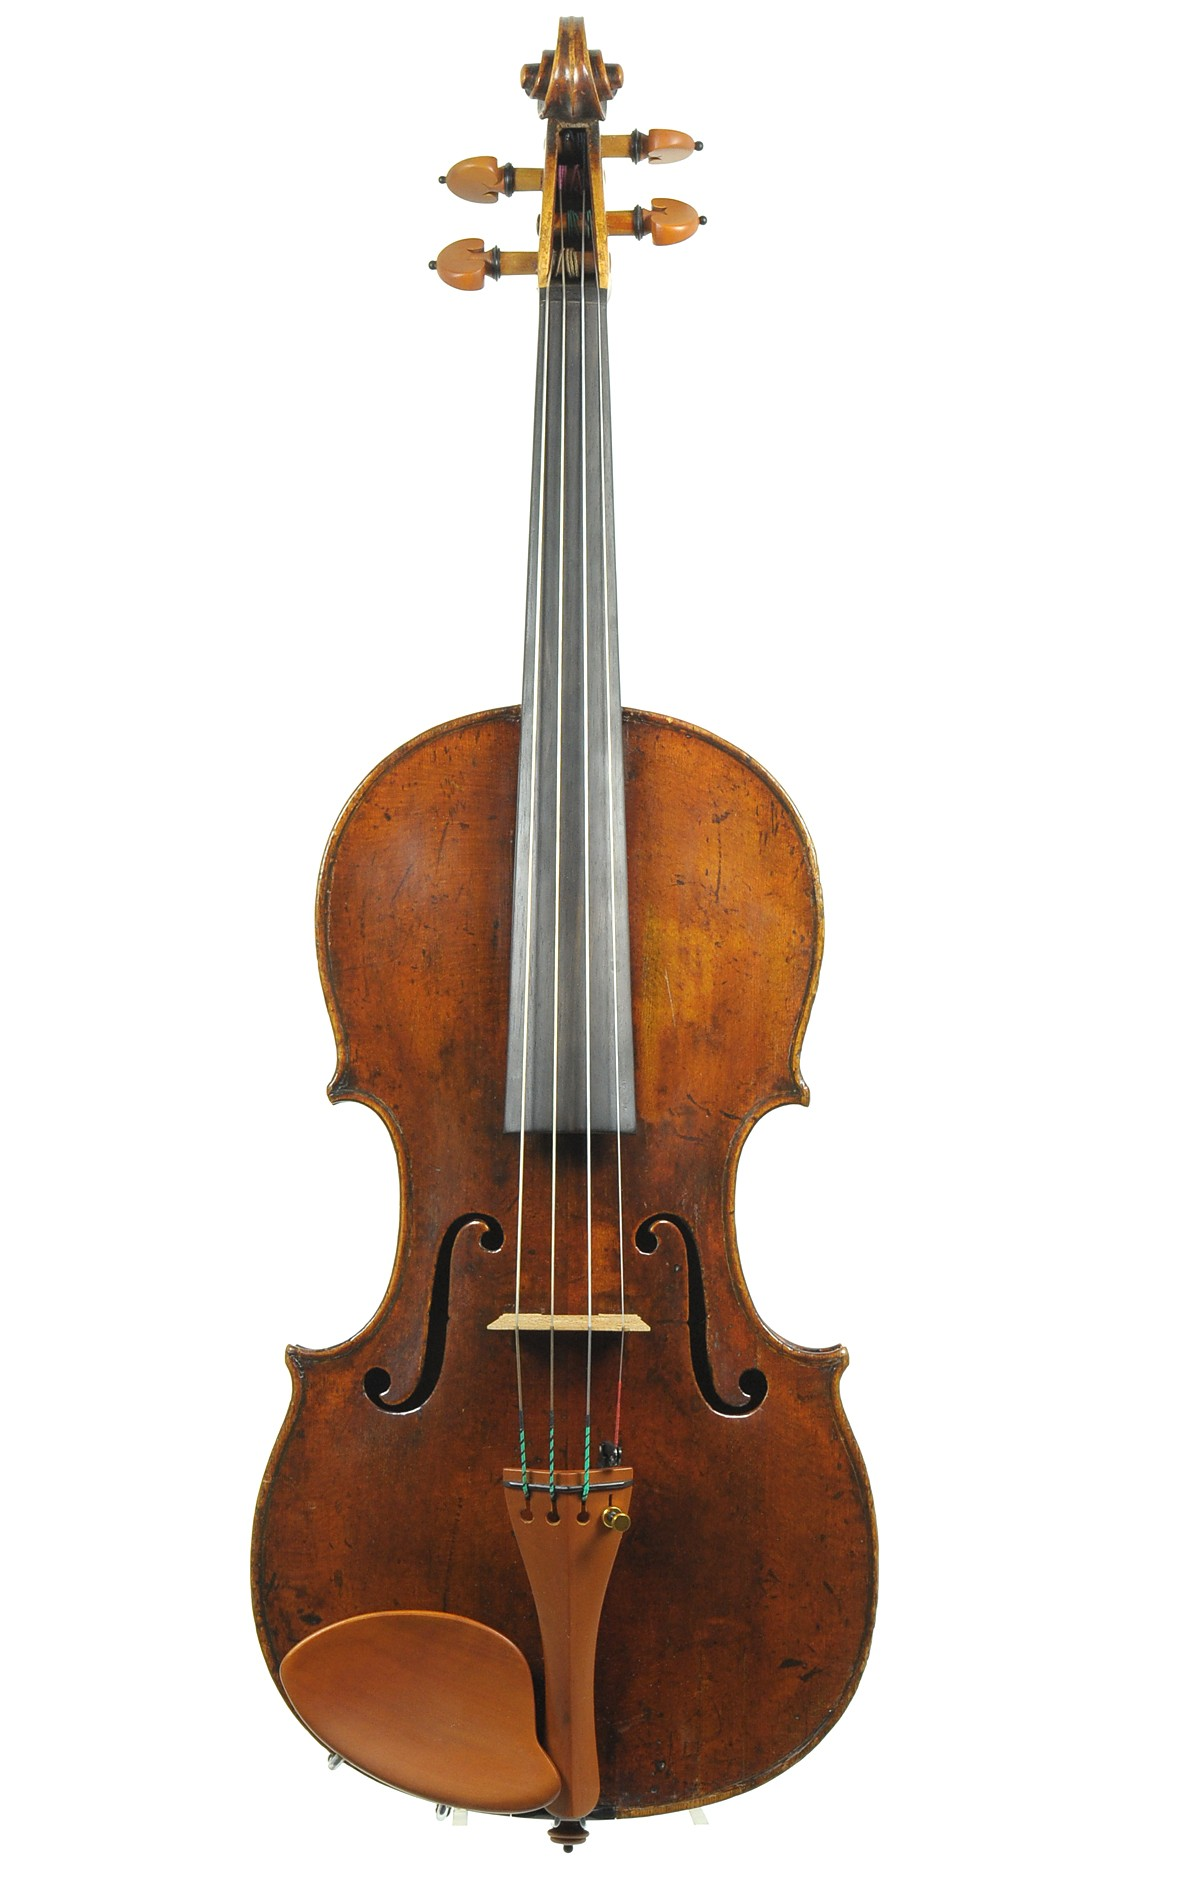 Master violin, Johann Georg Schonfelder violin